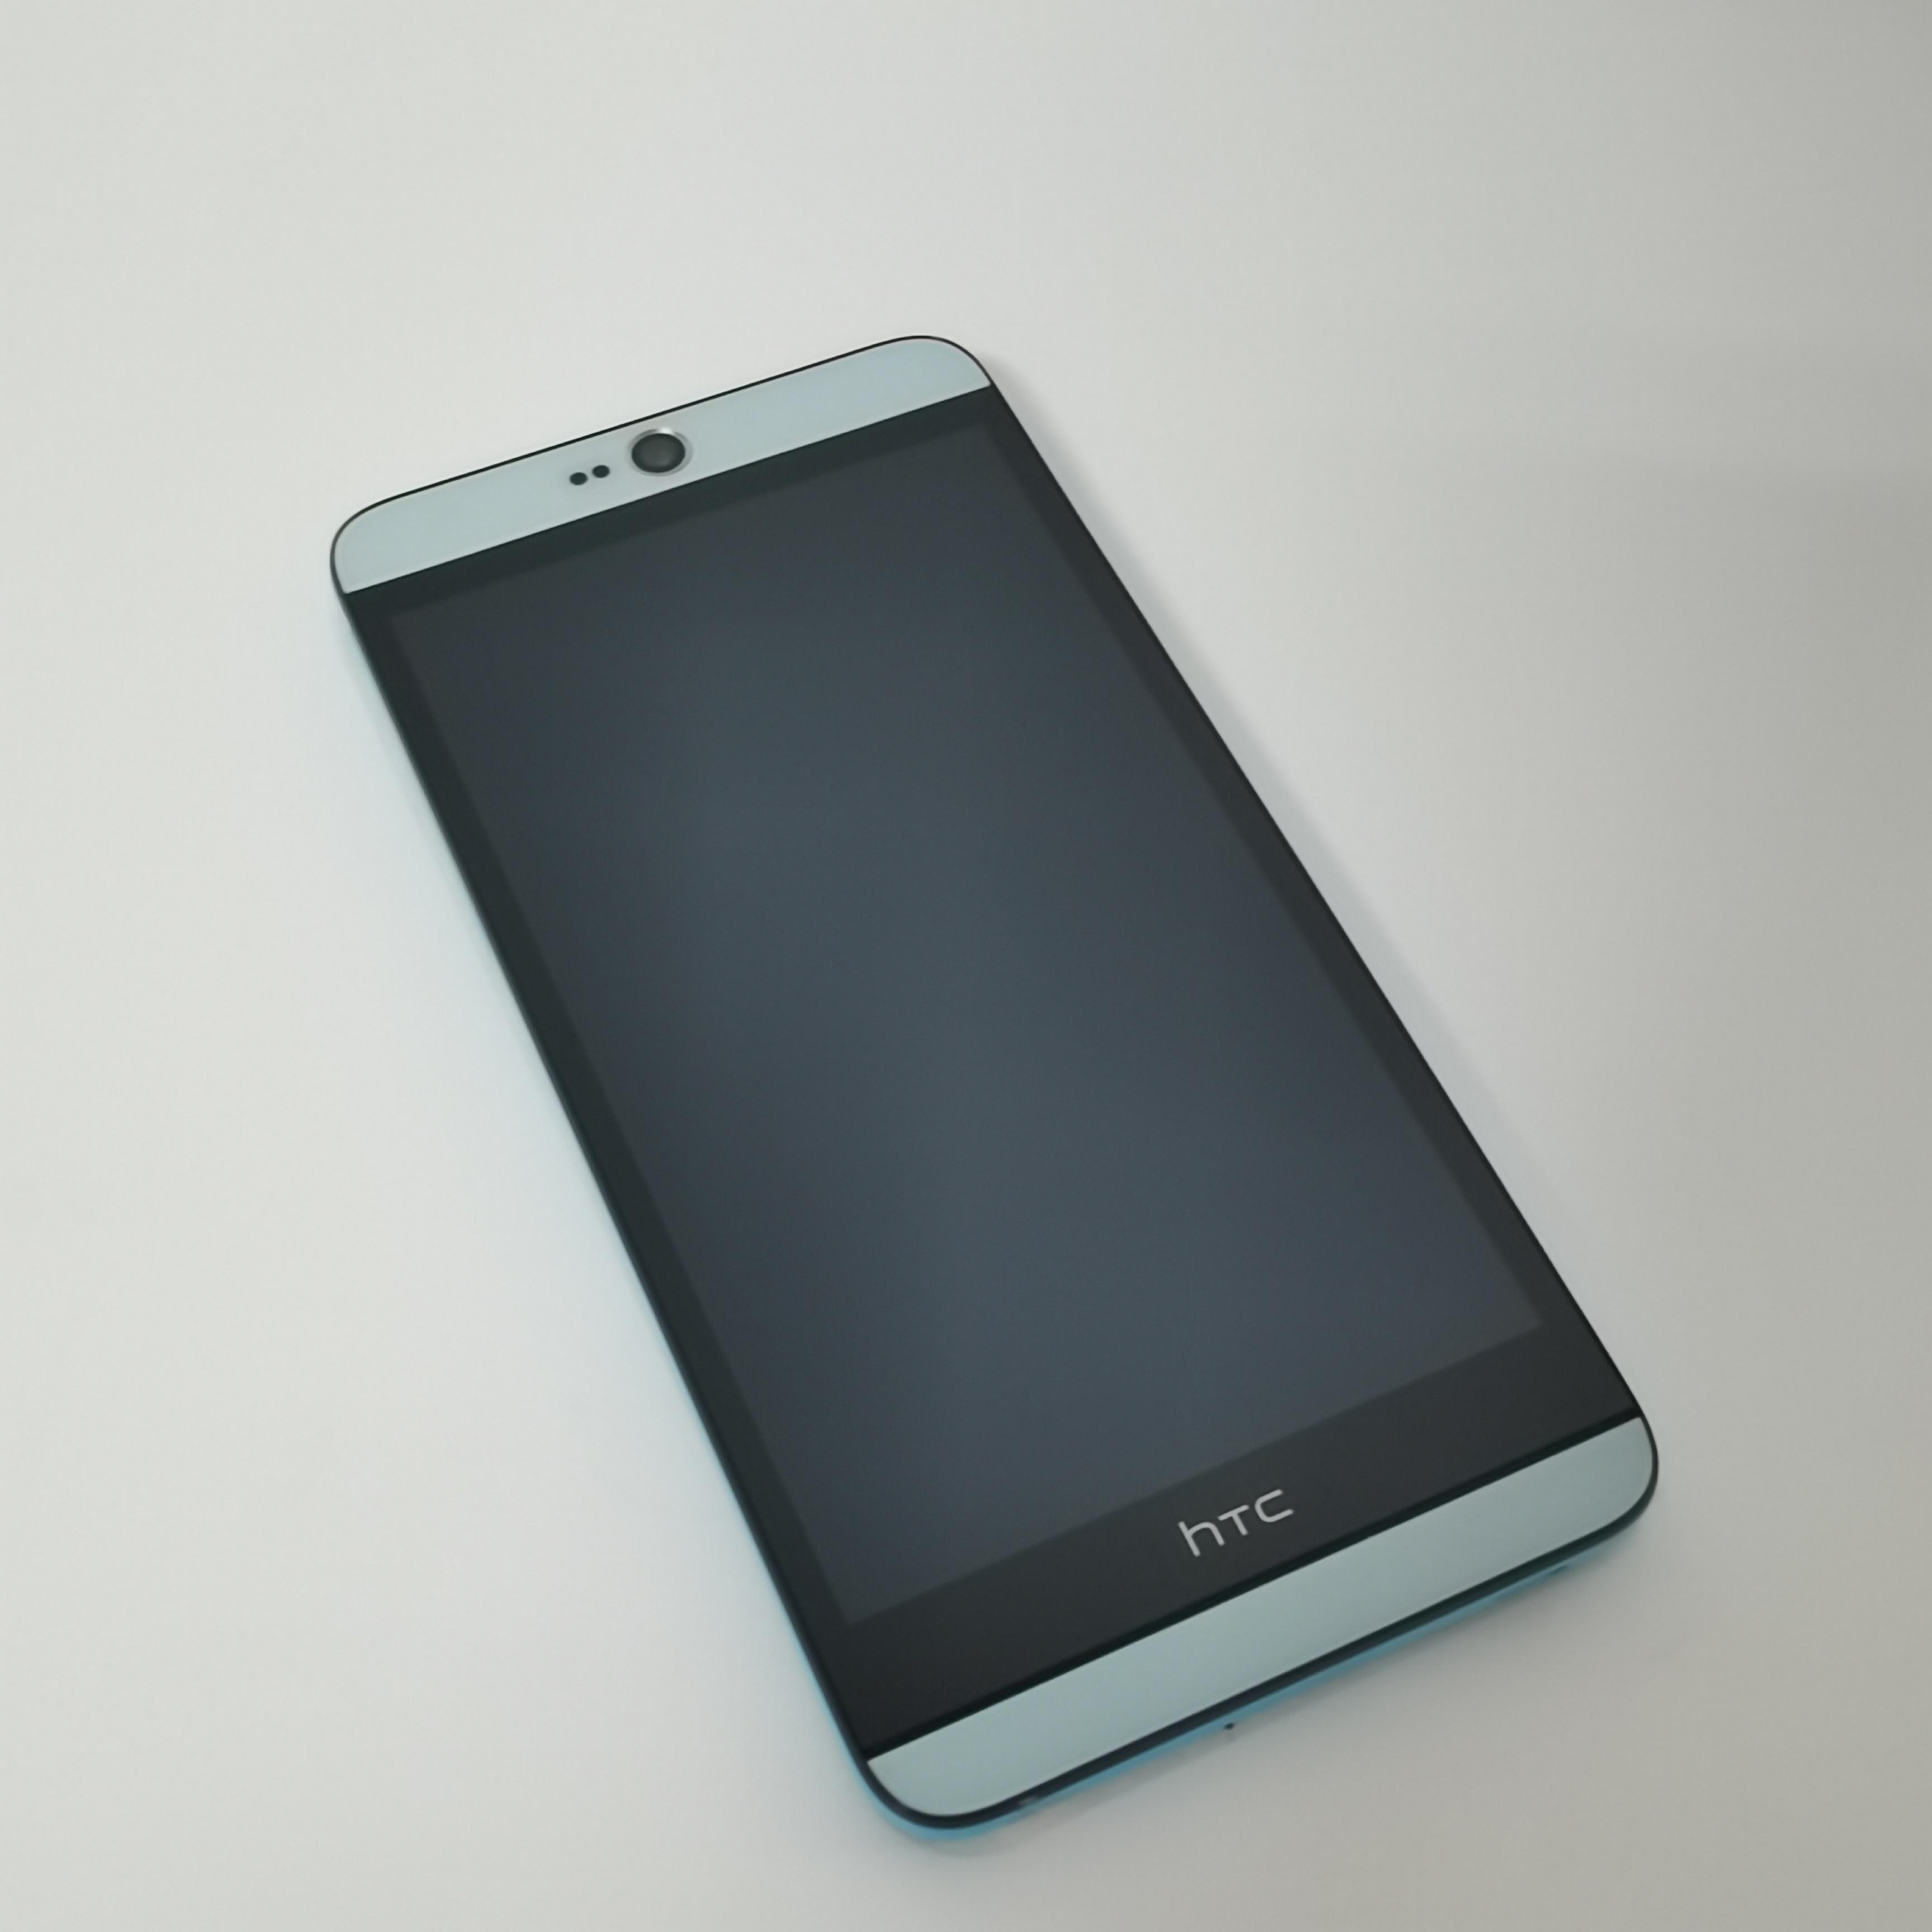 الأصلي تم تجديده HTC Desire 826 5.5 بوصة Octa Core 2GB RAM 16GB ROM مقفلة 4G LTE الروبوت الهاتف الذكي